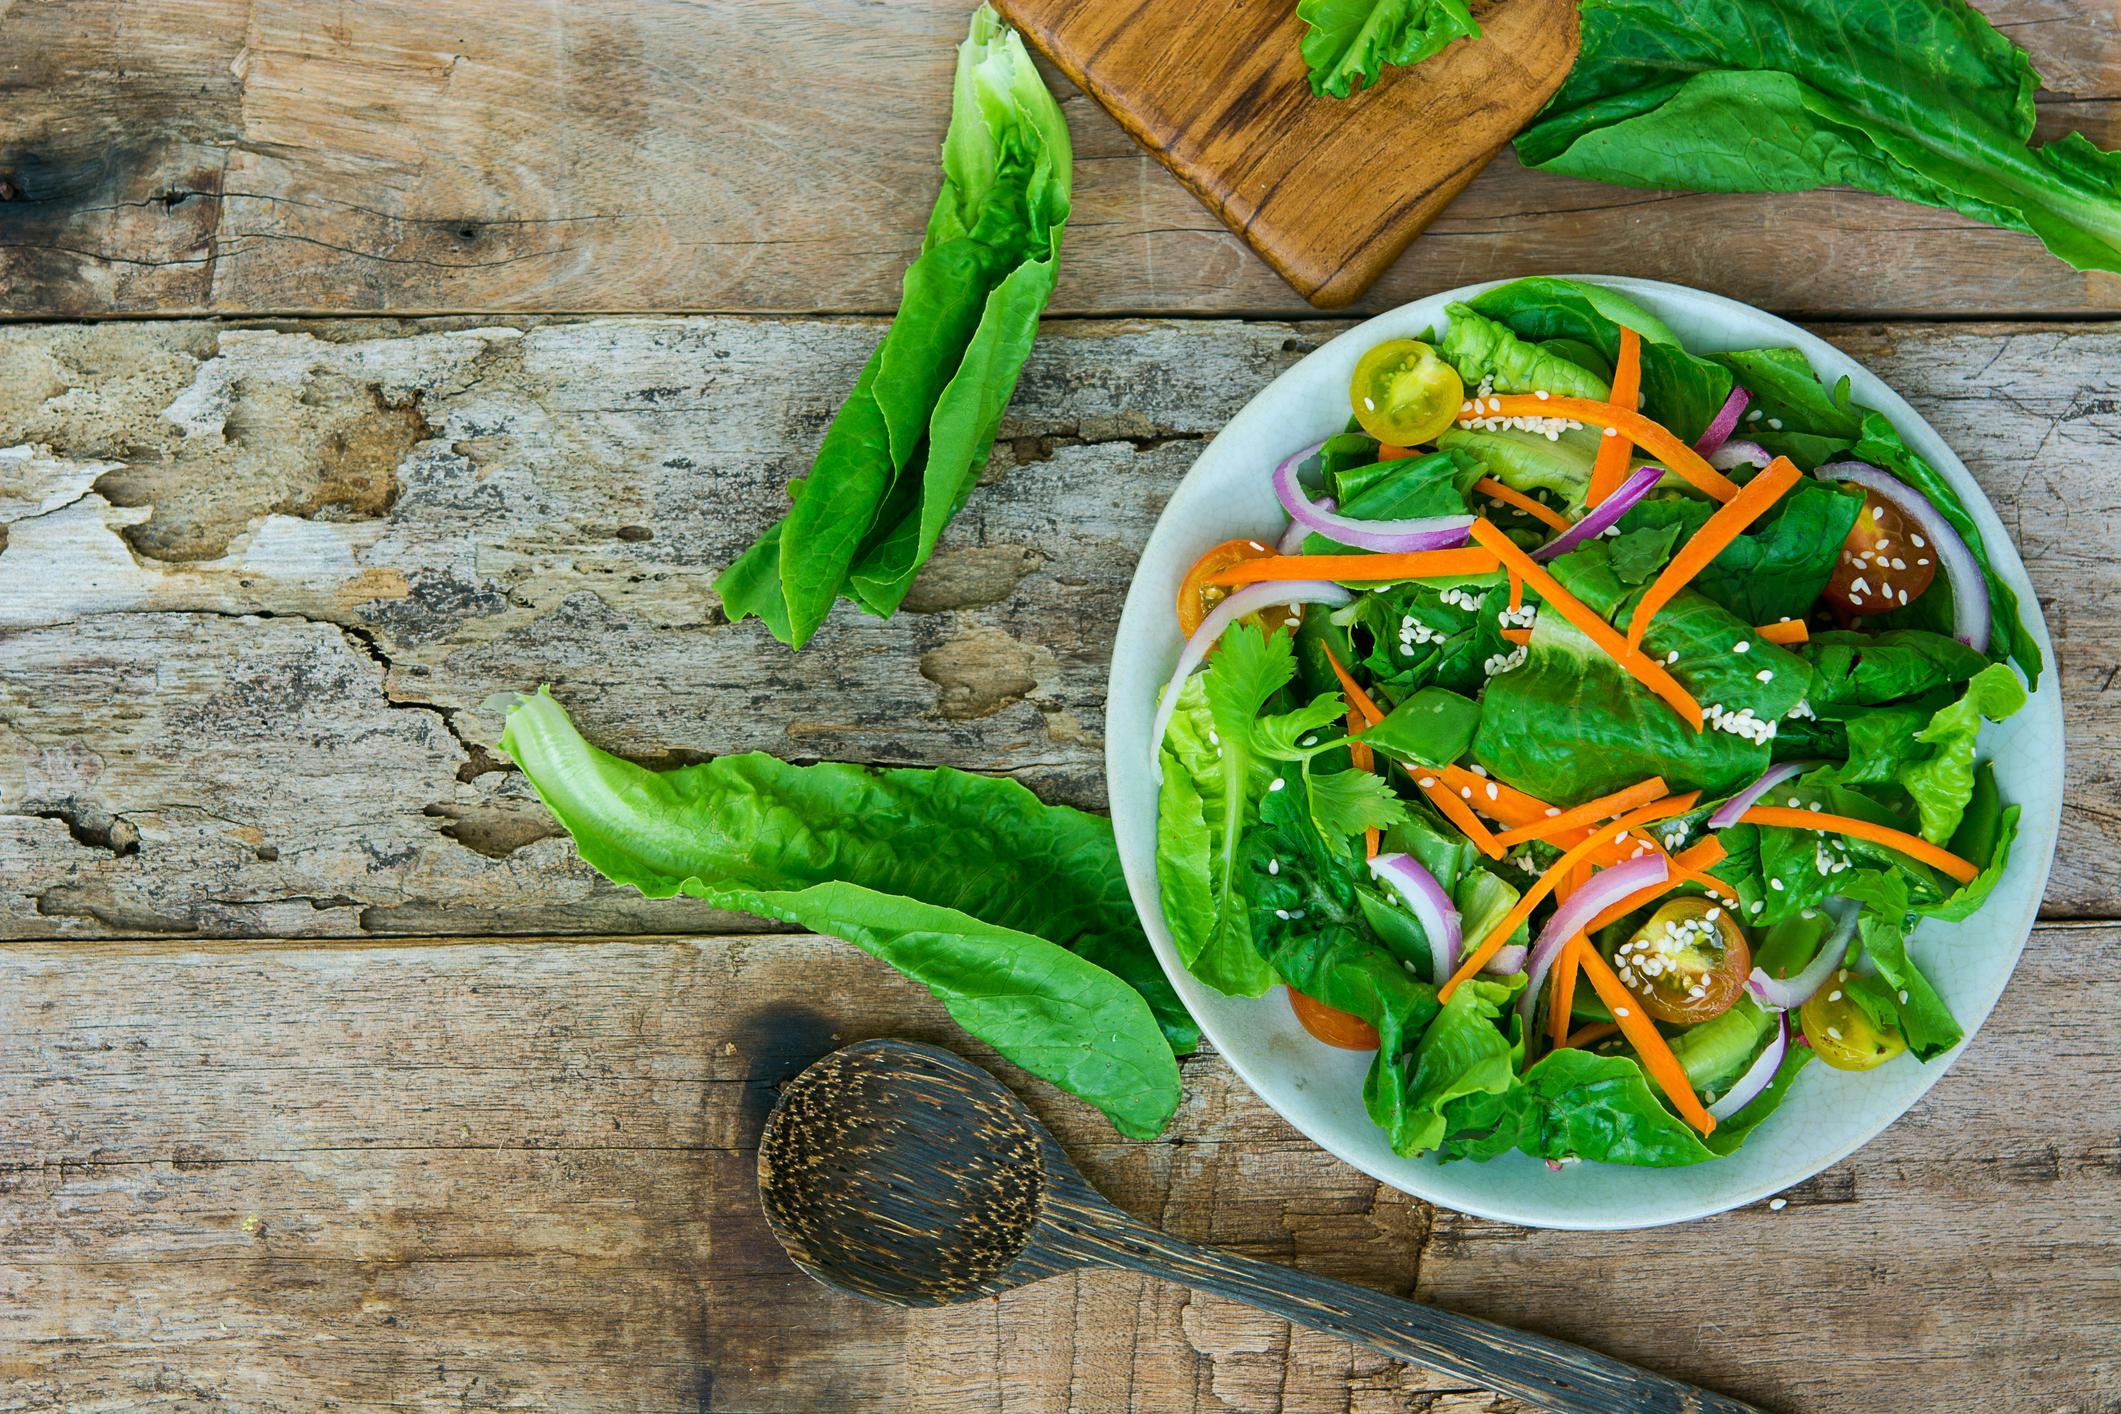 Salada vegetariana com verdes, cenoura e outros vegetais em um bowl sobre uma mesa rústica